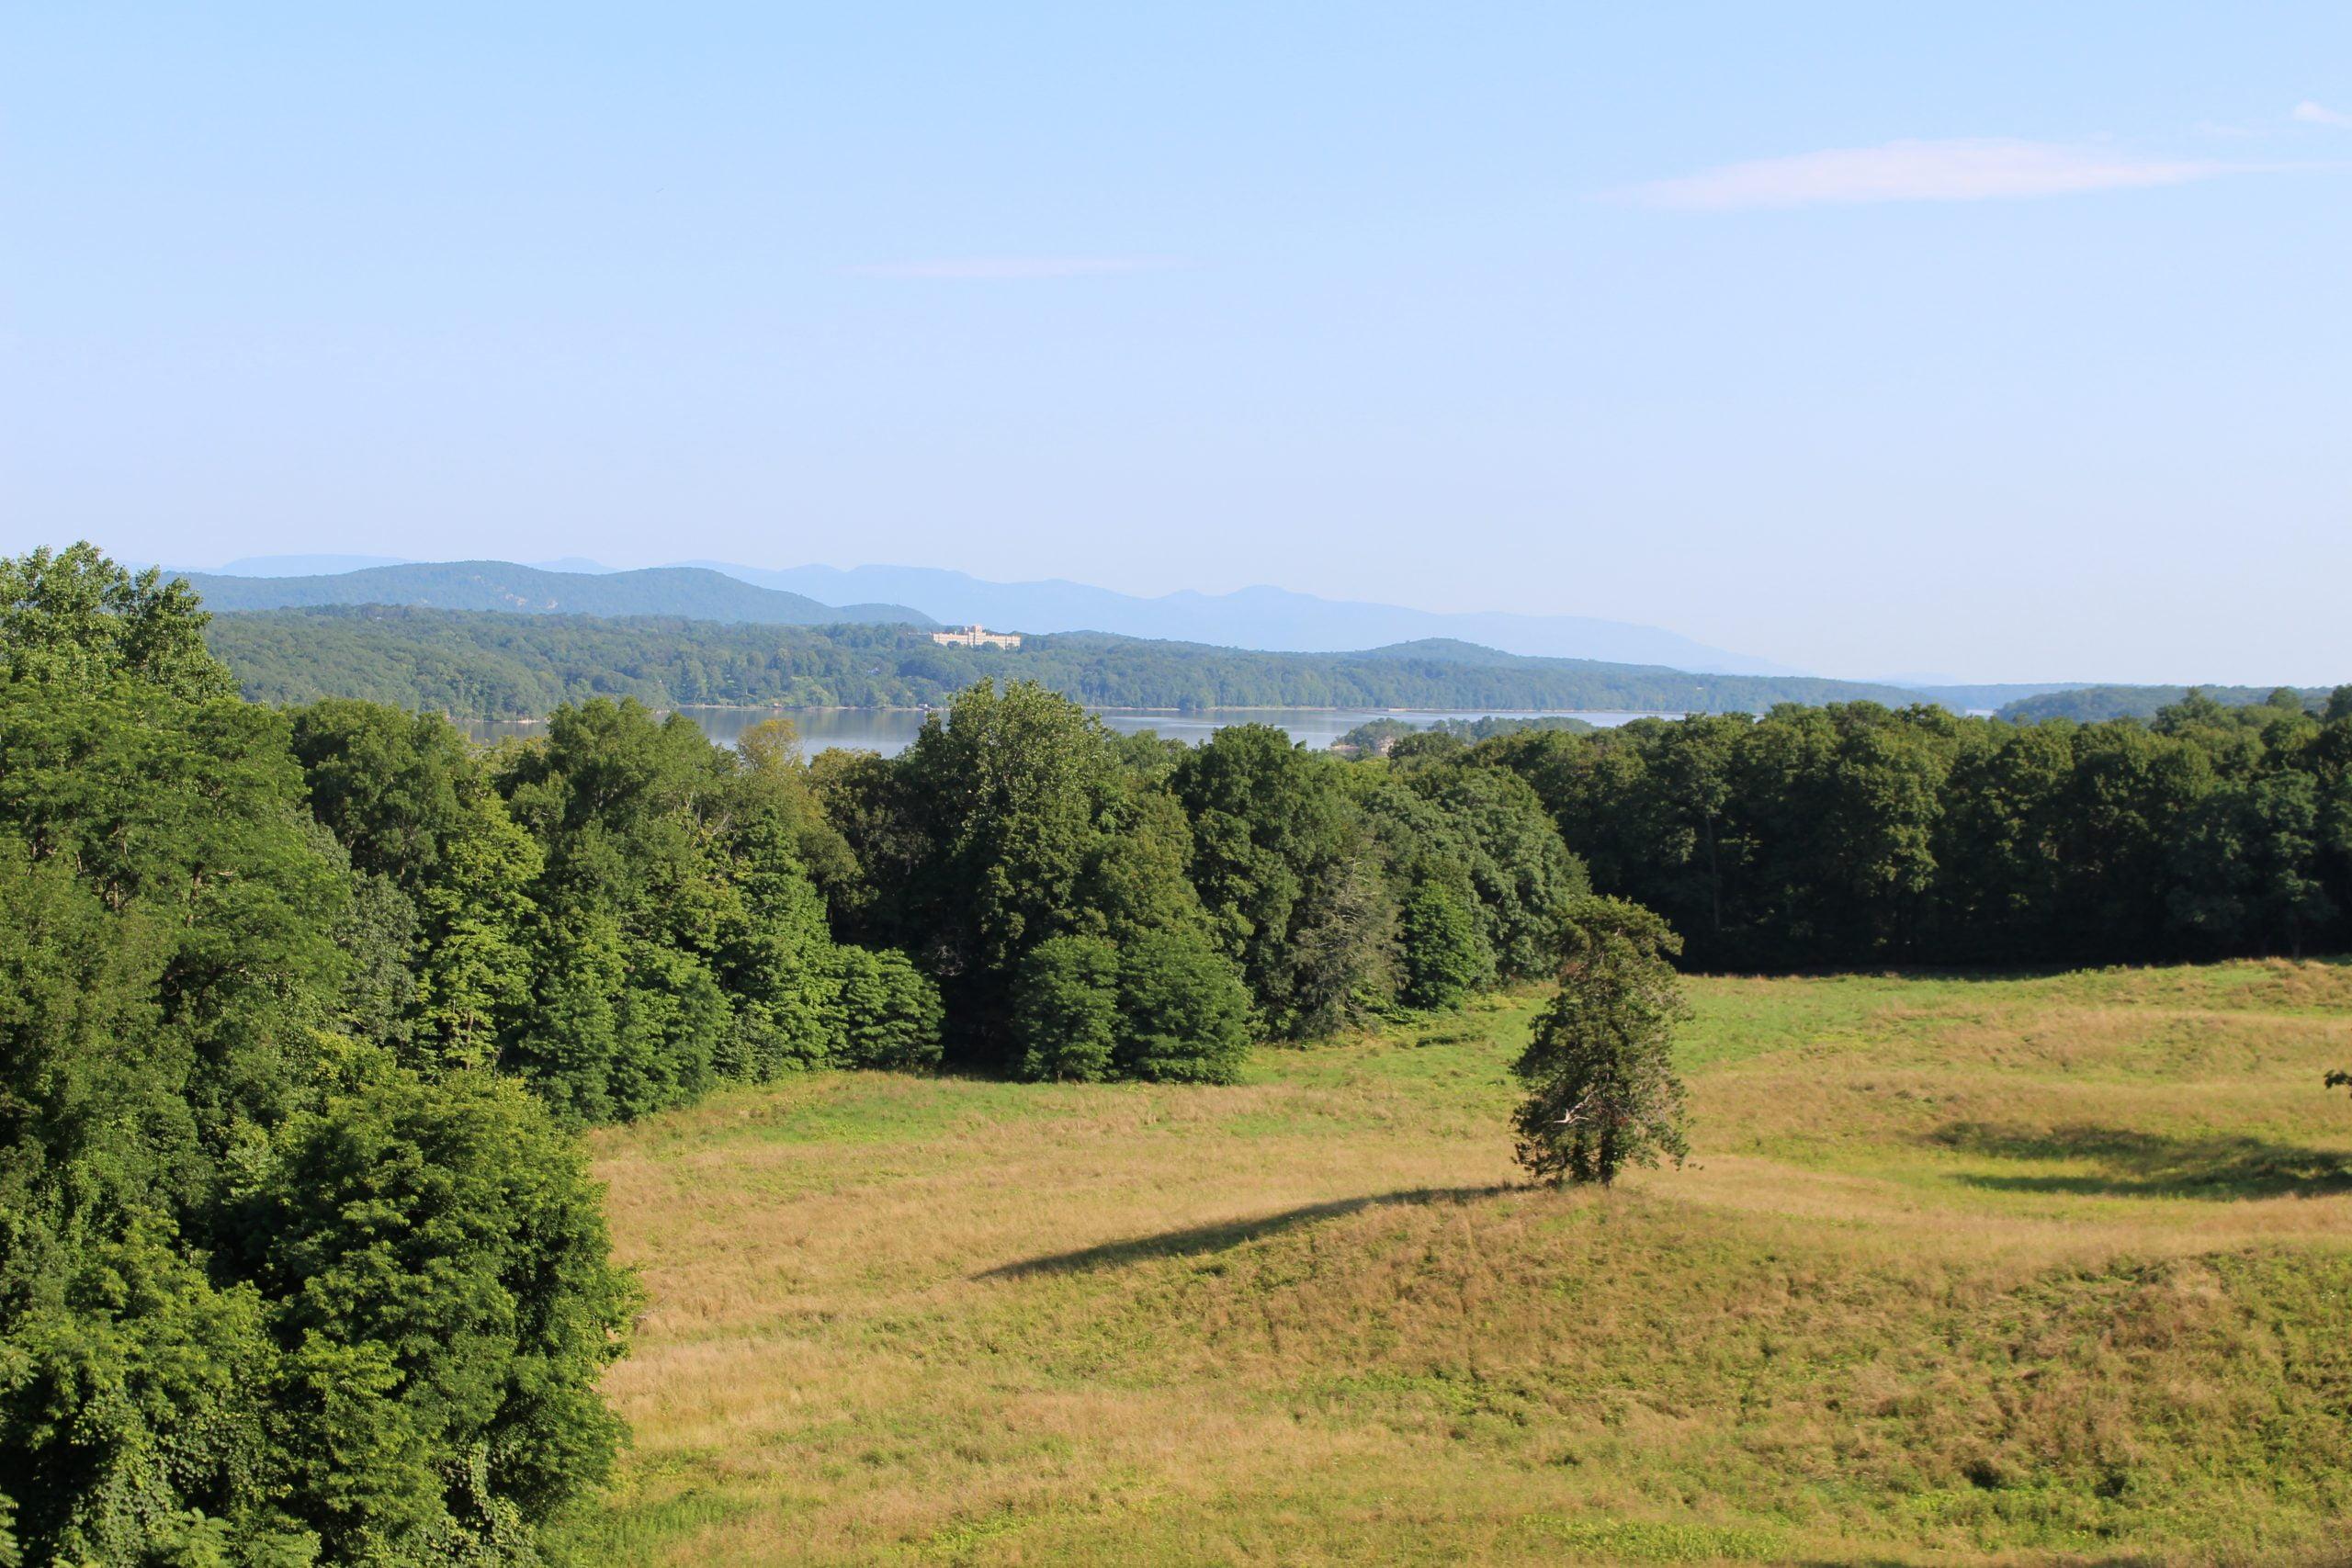 Vanderbilt Scenic Overlook